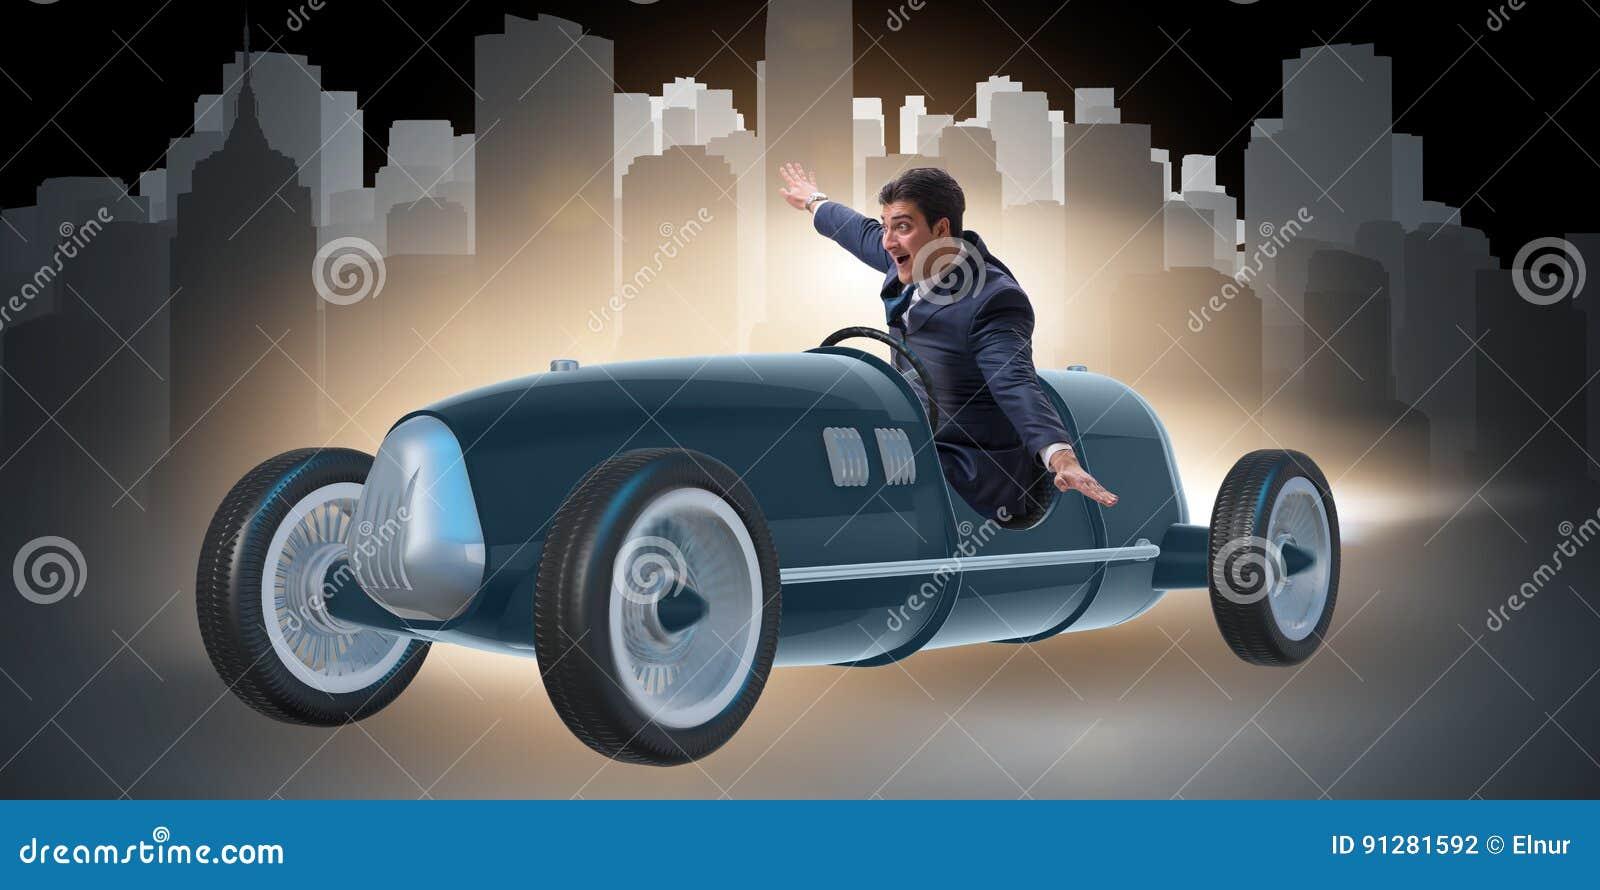 El automóvil descubierto del vintage del montar a caballo del hombre de negocios en concepto de la motivación